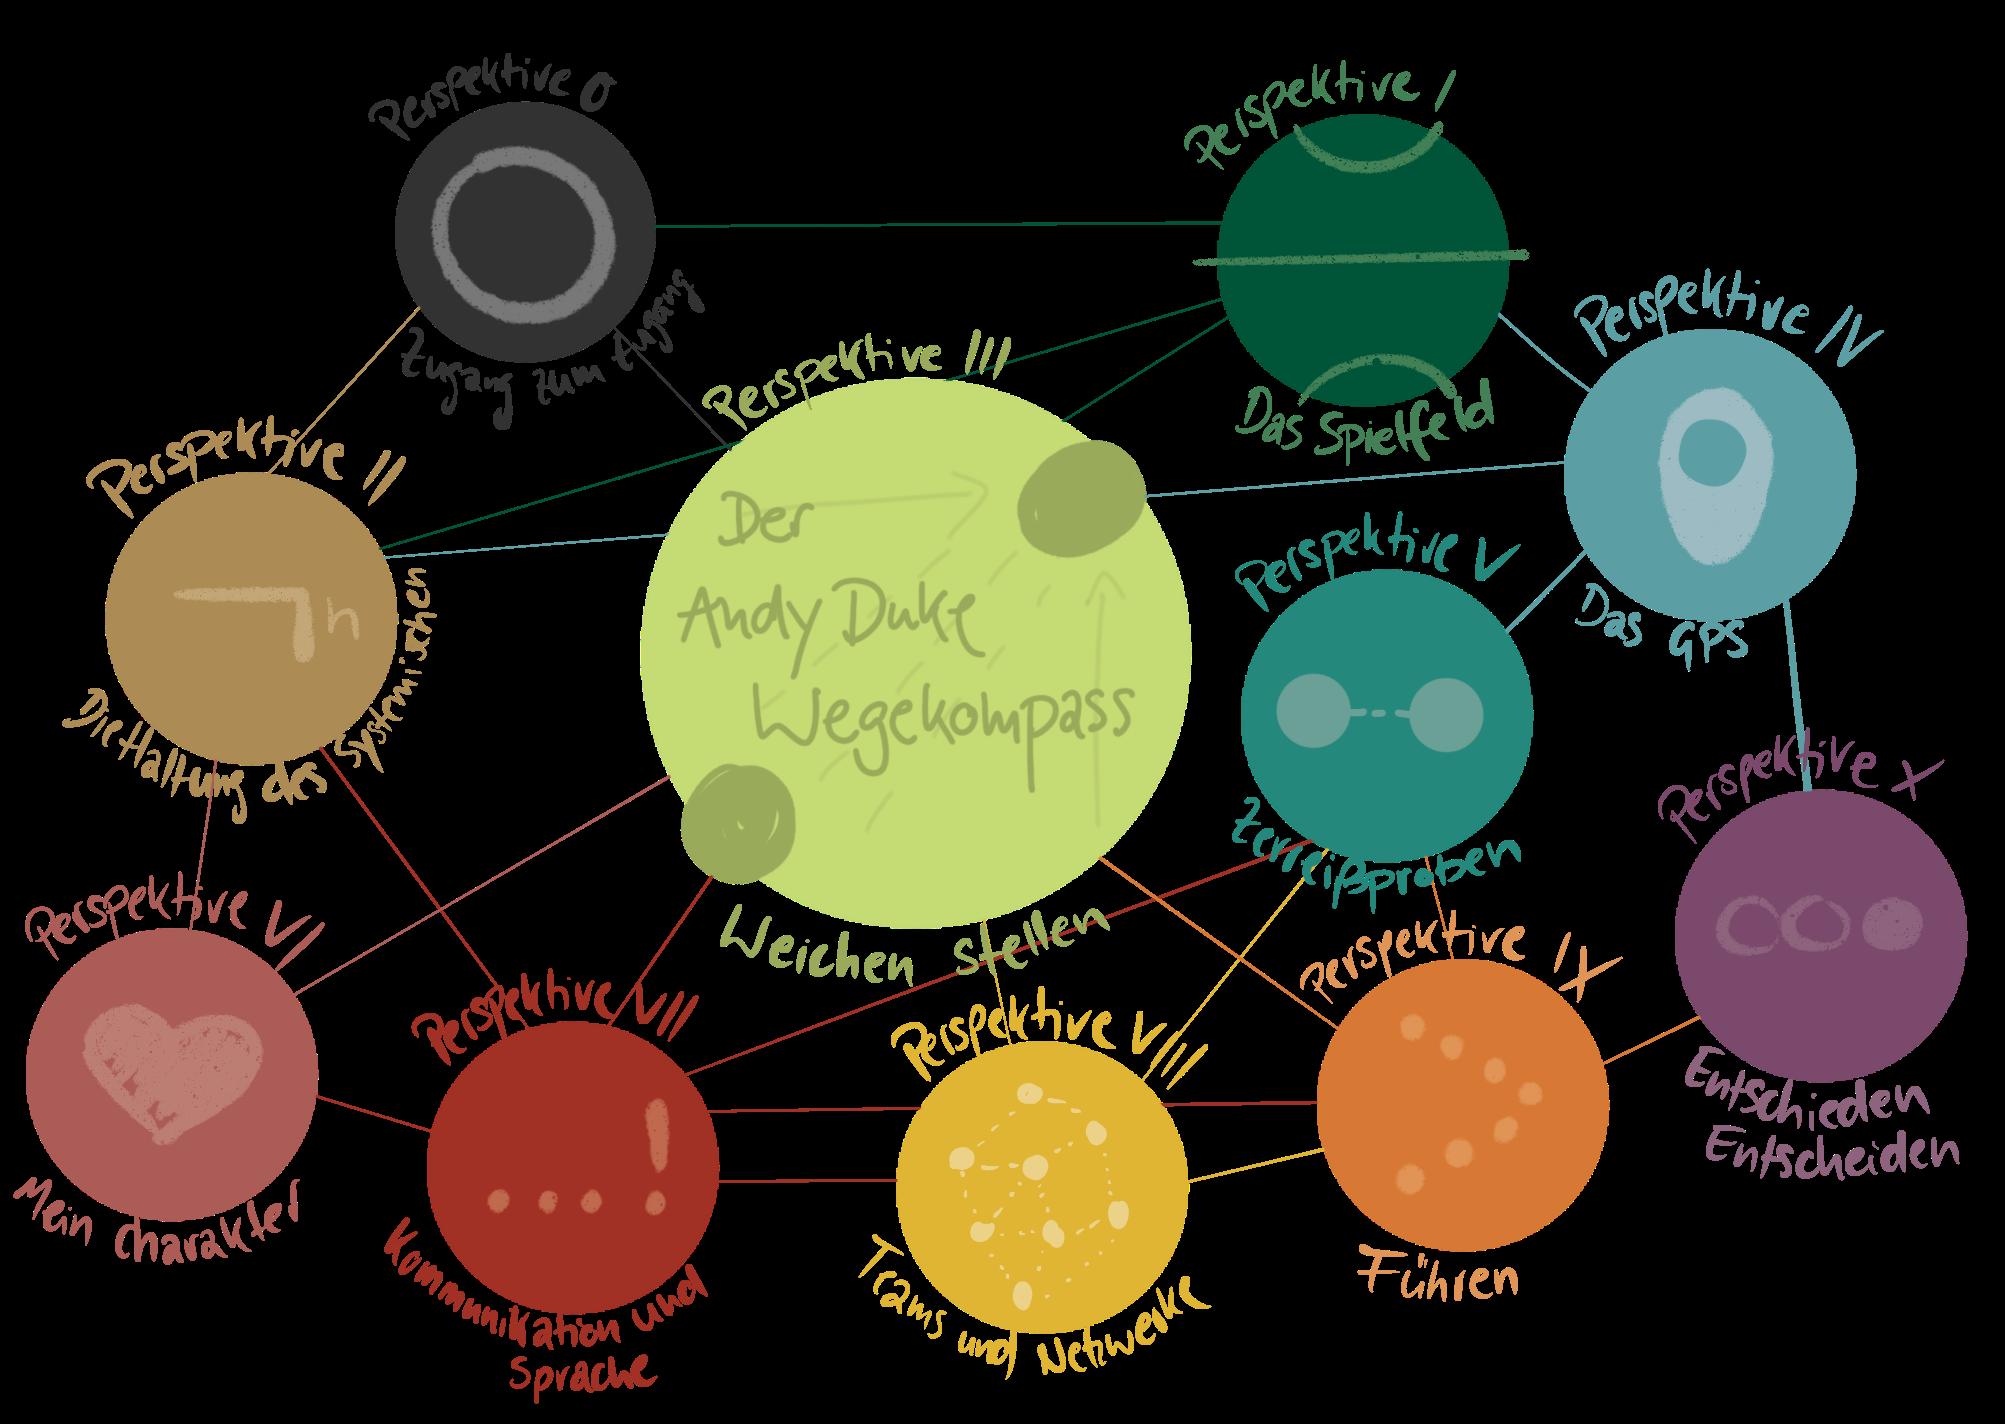 Der Andy Duke Wegekompass für eine gelungene Transformation und Change